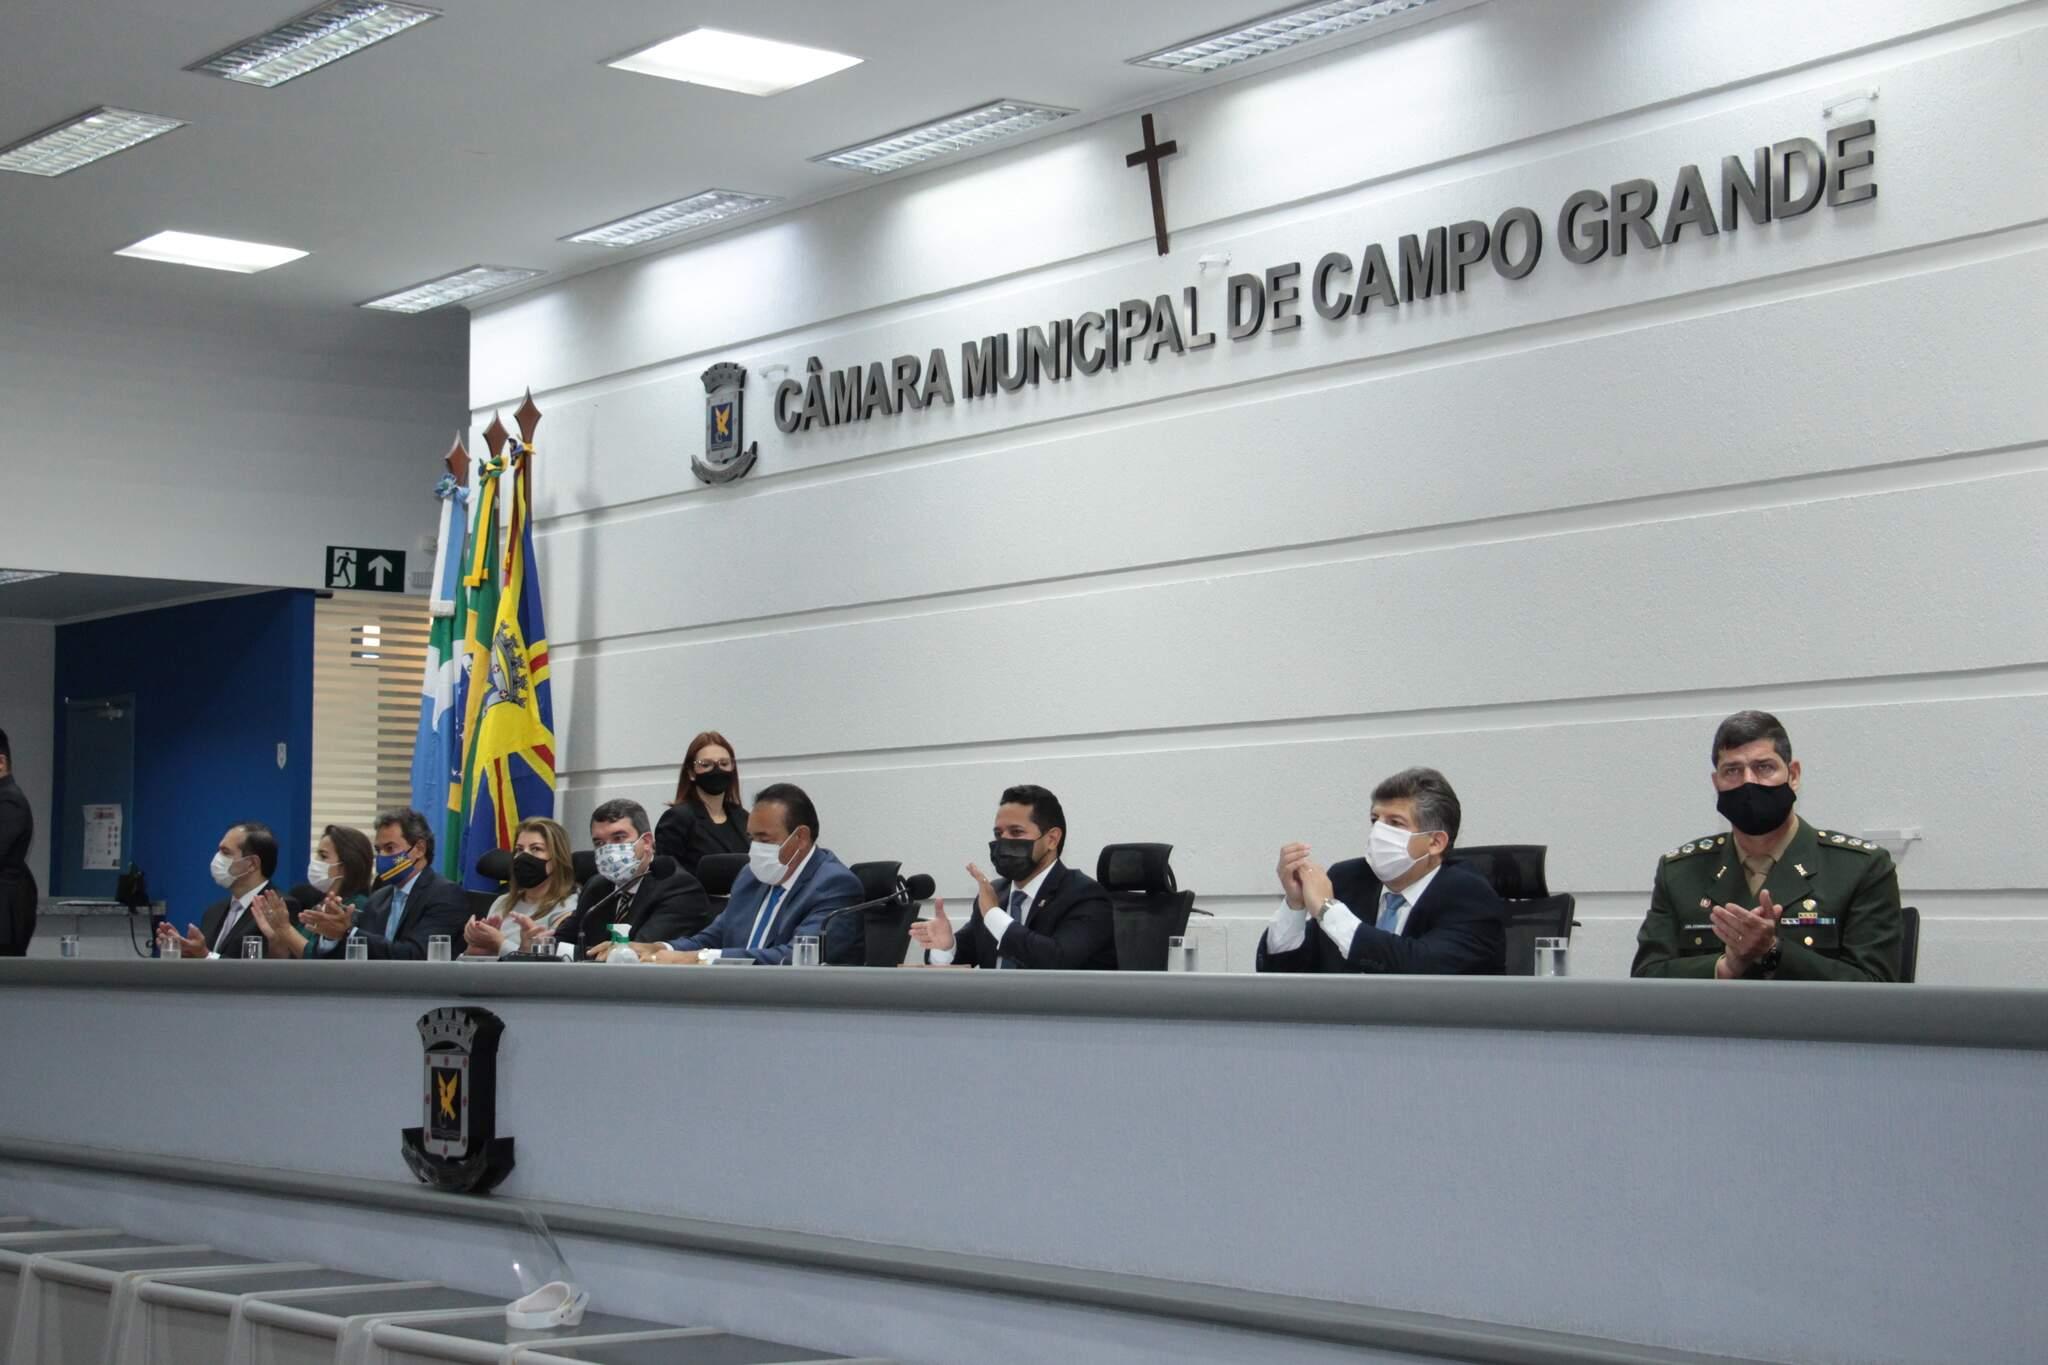 Vereadores realizaram sessão solene inaugural ontem (18) - (Foto: Izaías Medeiros/Câmara Municipal)